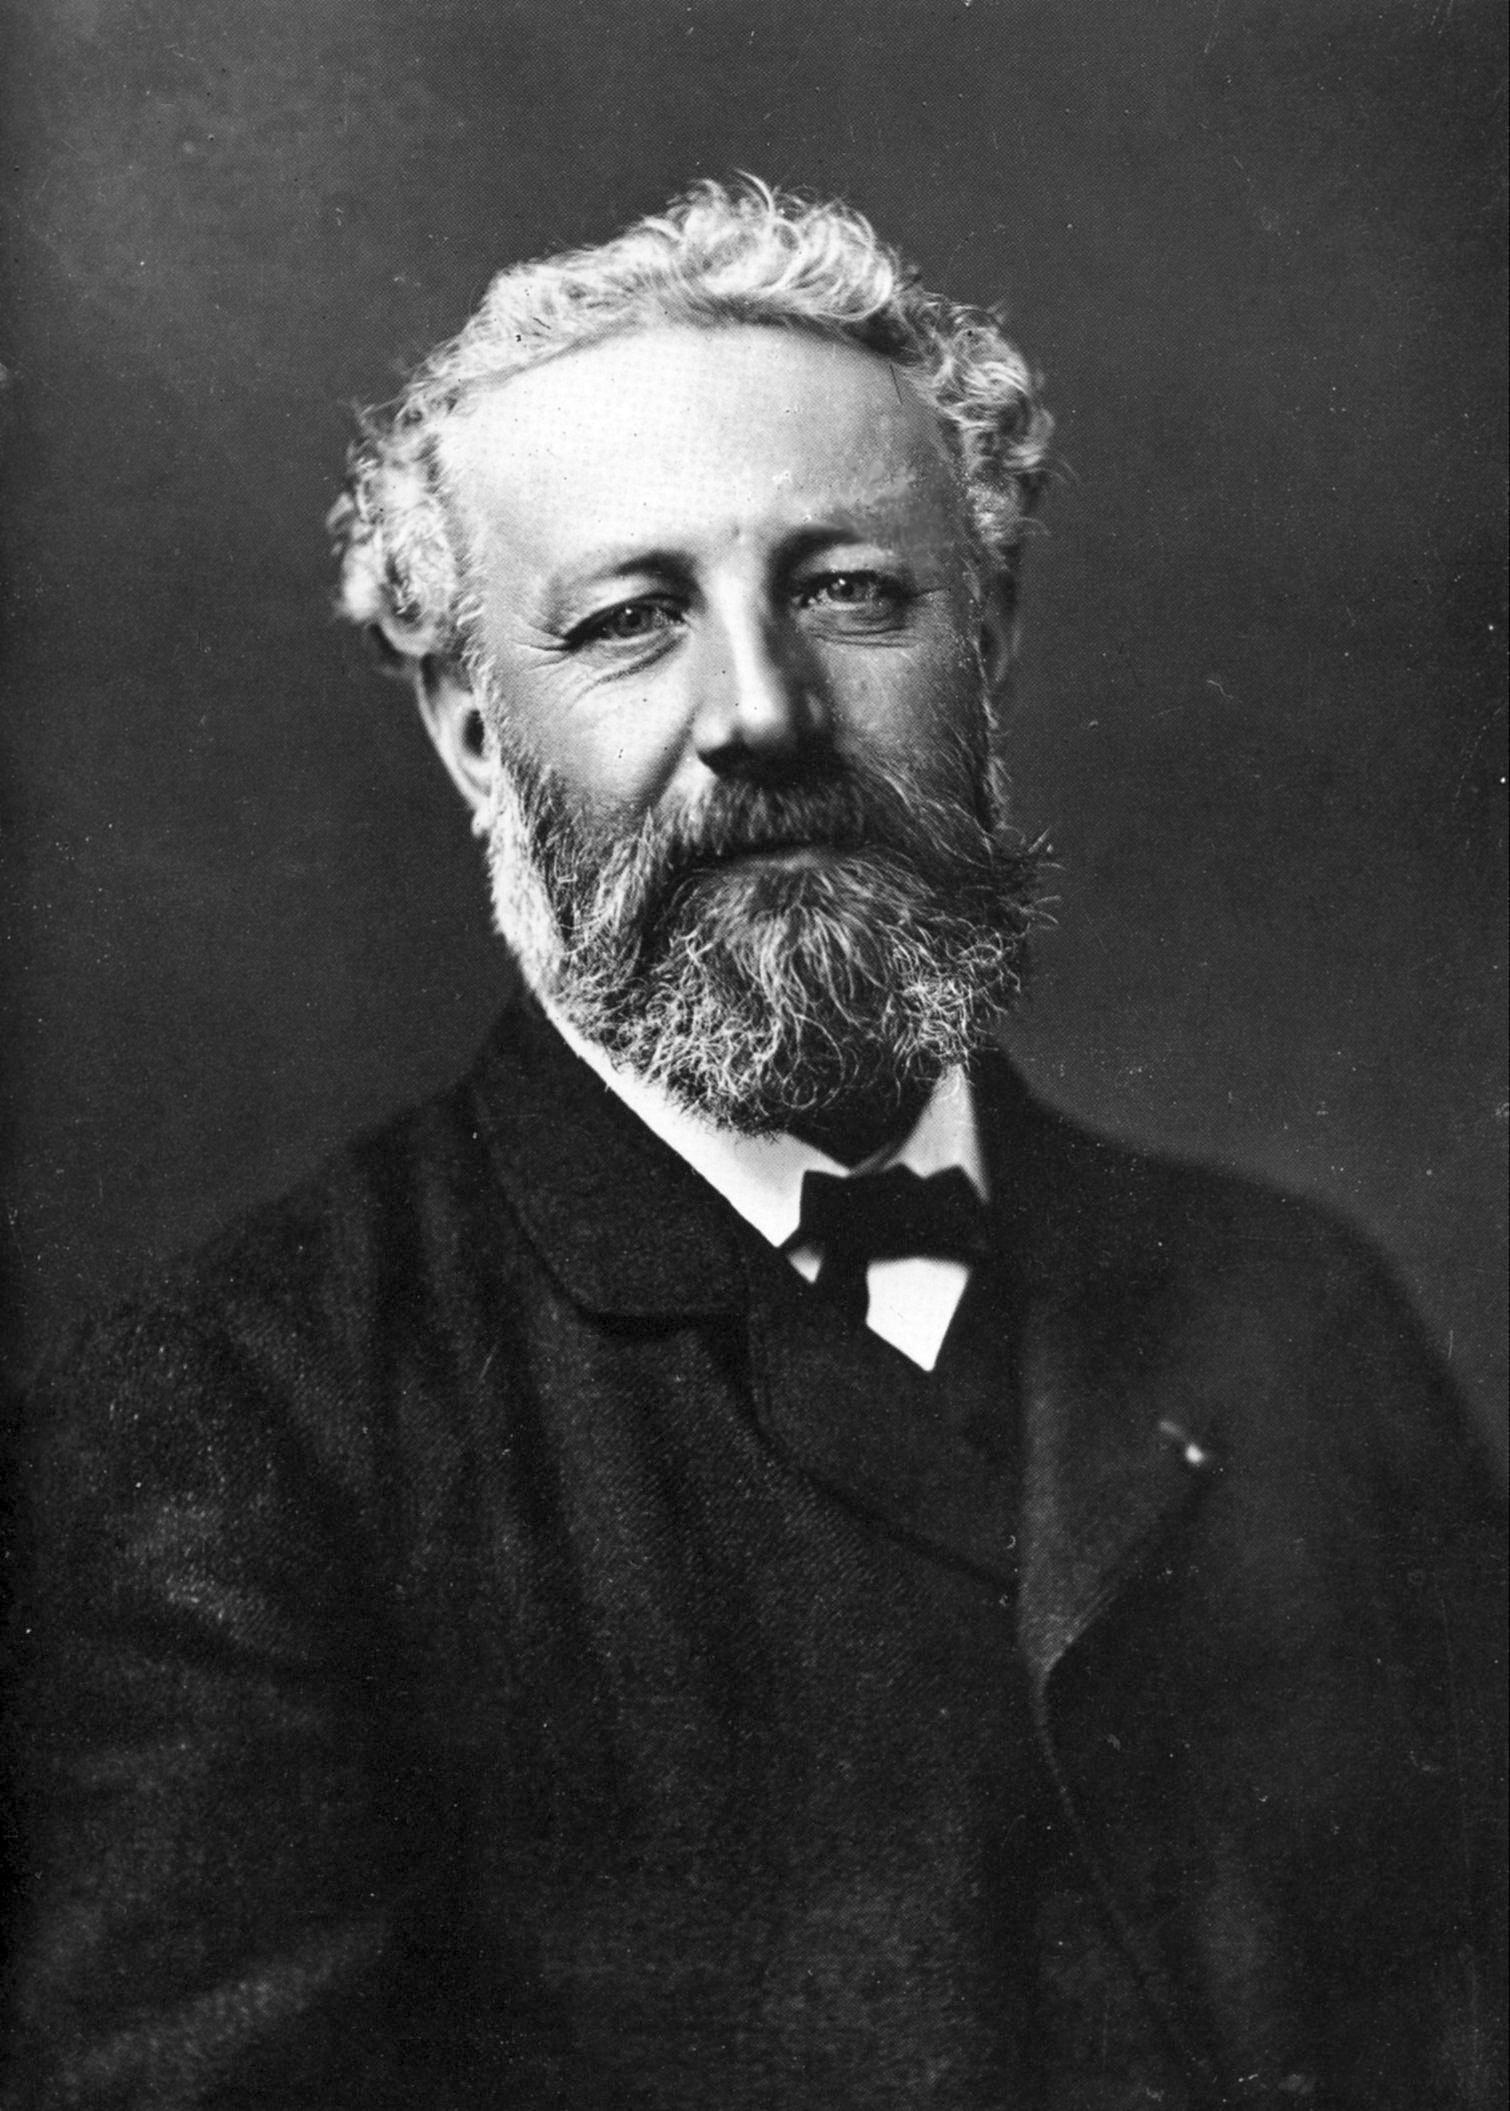 Júlio Verne faleceu aos 77 anos em março de 1905 (Foto: Wikimedia/Félix Nadar)